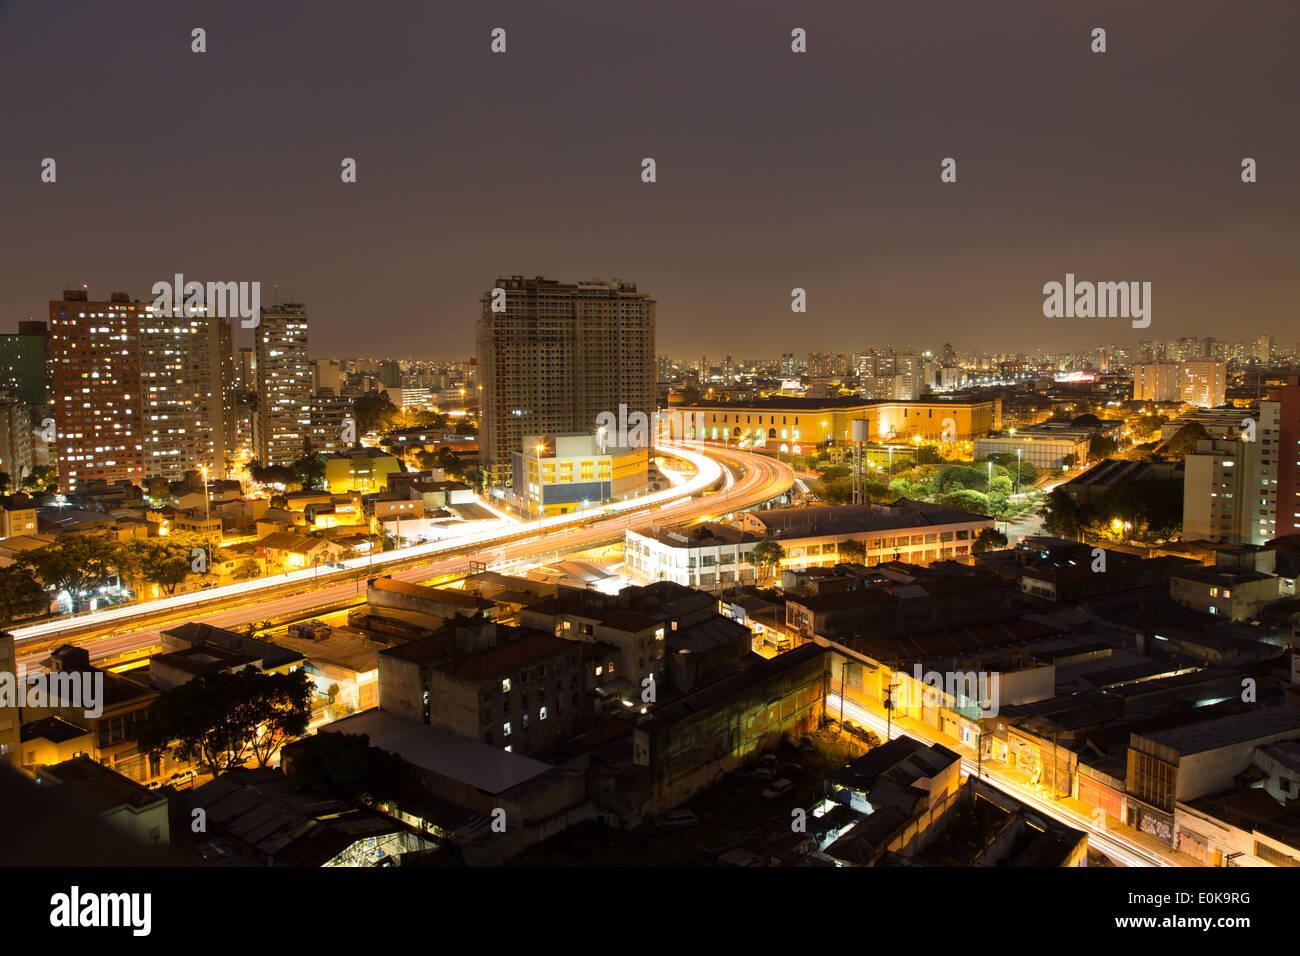 Vista aérea de la ciudad de noche, Glicerio viaduto do Glicerio (viaducto) o Viaduto Leste-Oeste Este-oeste (viaducto), Liberdade, Distrito de Sao Paulo Imagen De Stock